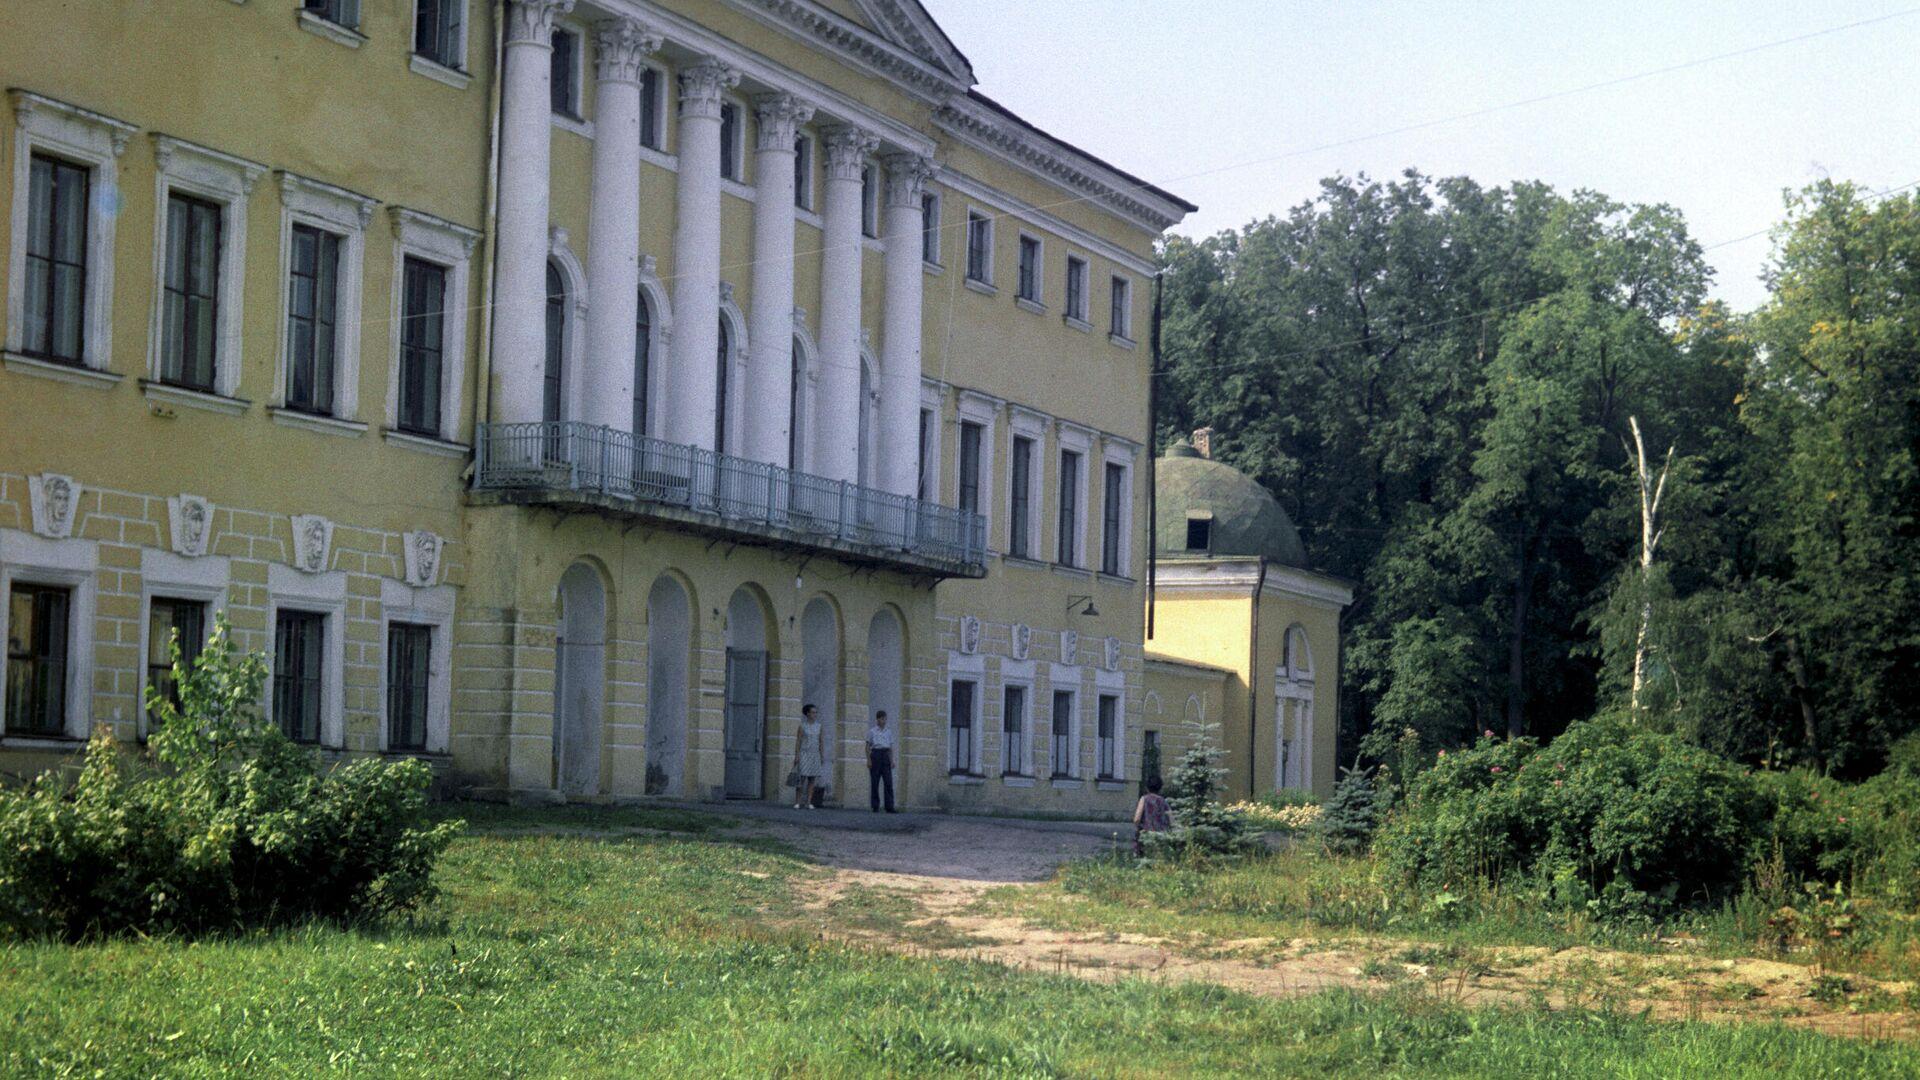 Усадьба Гребнево - РИА Новости, 1920, 25.09.2020